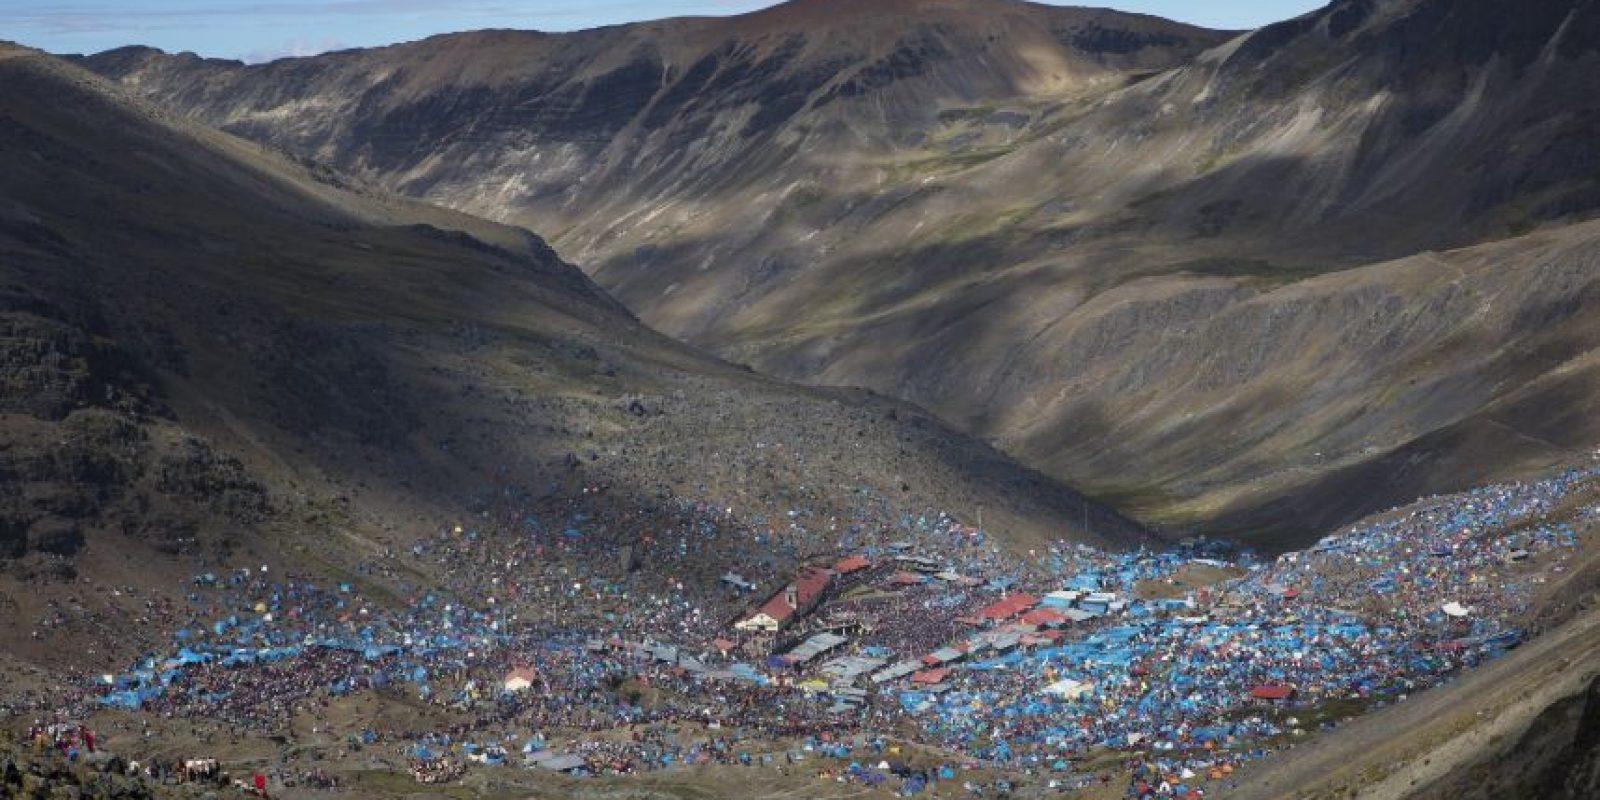 En esta imagen, tomada el 24 de mayo de 2016, peregrinos se reúnen en el santuario levantado para el festival Qoyllur Rit'i en el valle de Sinakara, cerca de la localidad de Mahuayani, en la región peruana de Cusco. La festividad anual, que dura tres días y está basada en el calendario andino, combina la tradición católica, la inca y la andina, y es considerada una celebración de las estrellas. Foto:AP Photo/ Rodrigo Abd